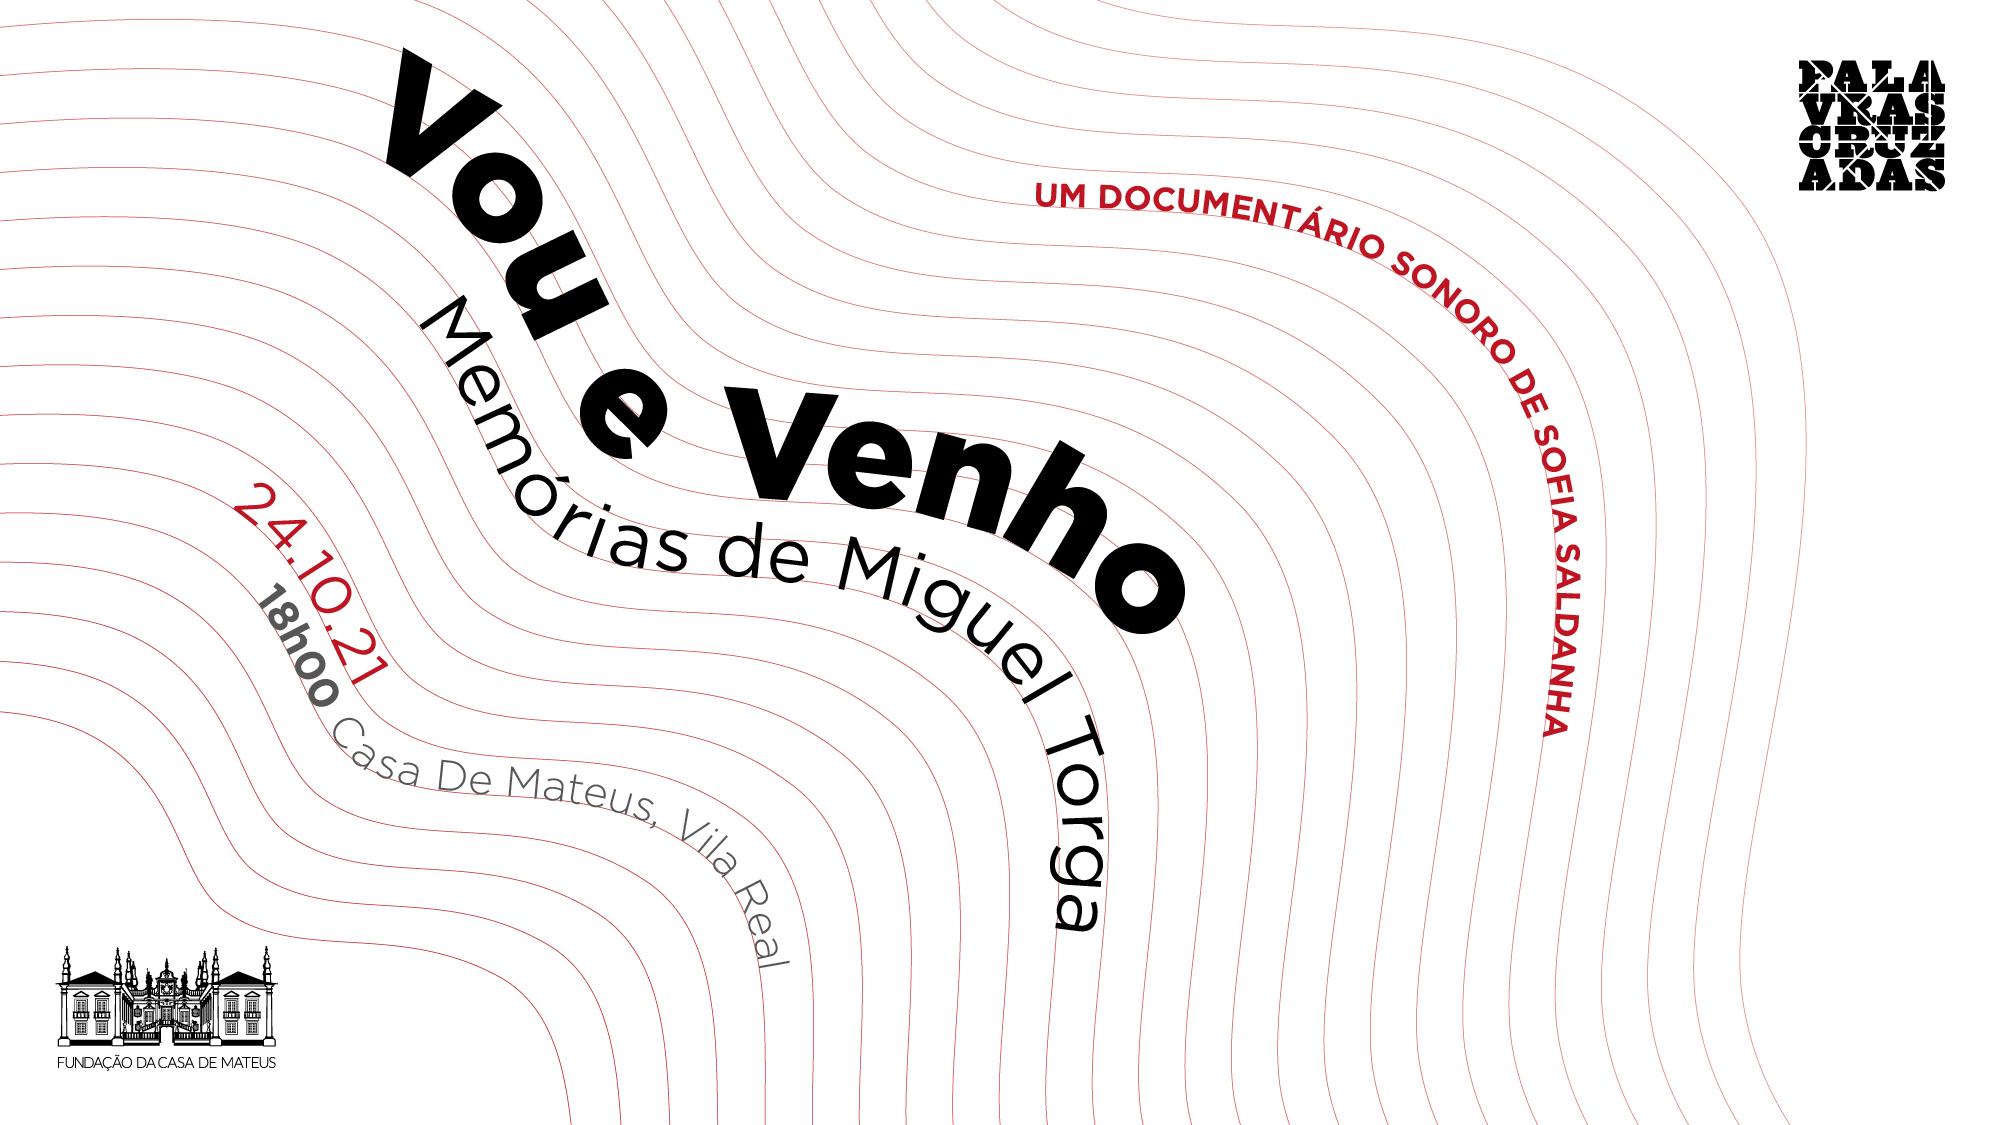 Vou e Venho | Um documentário sonoro de Sofia Saldanha